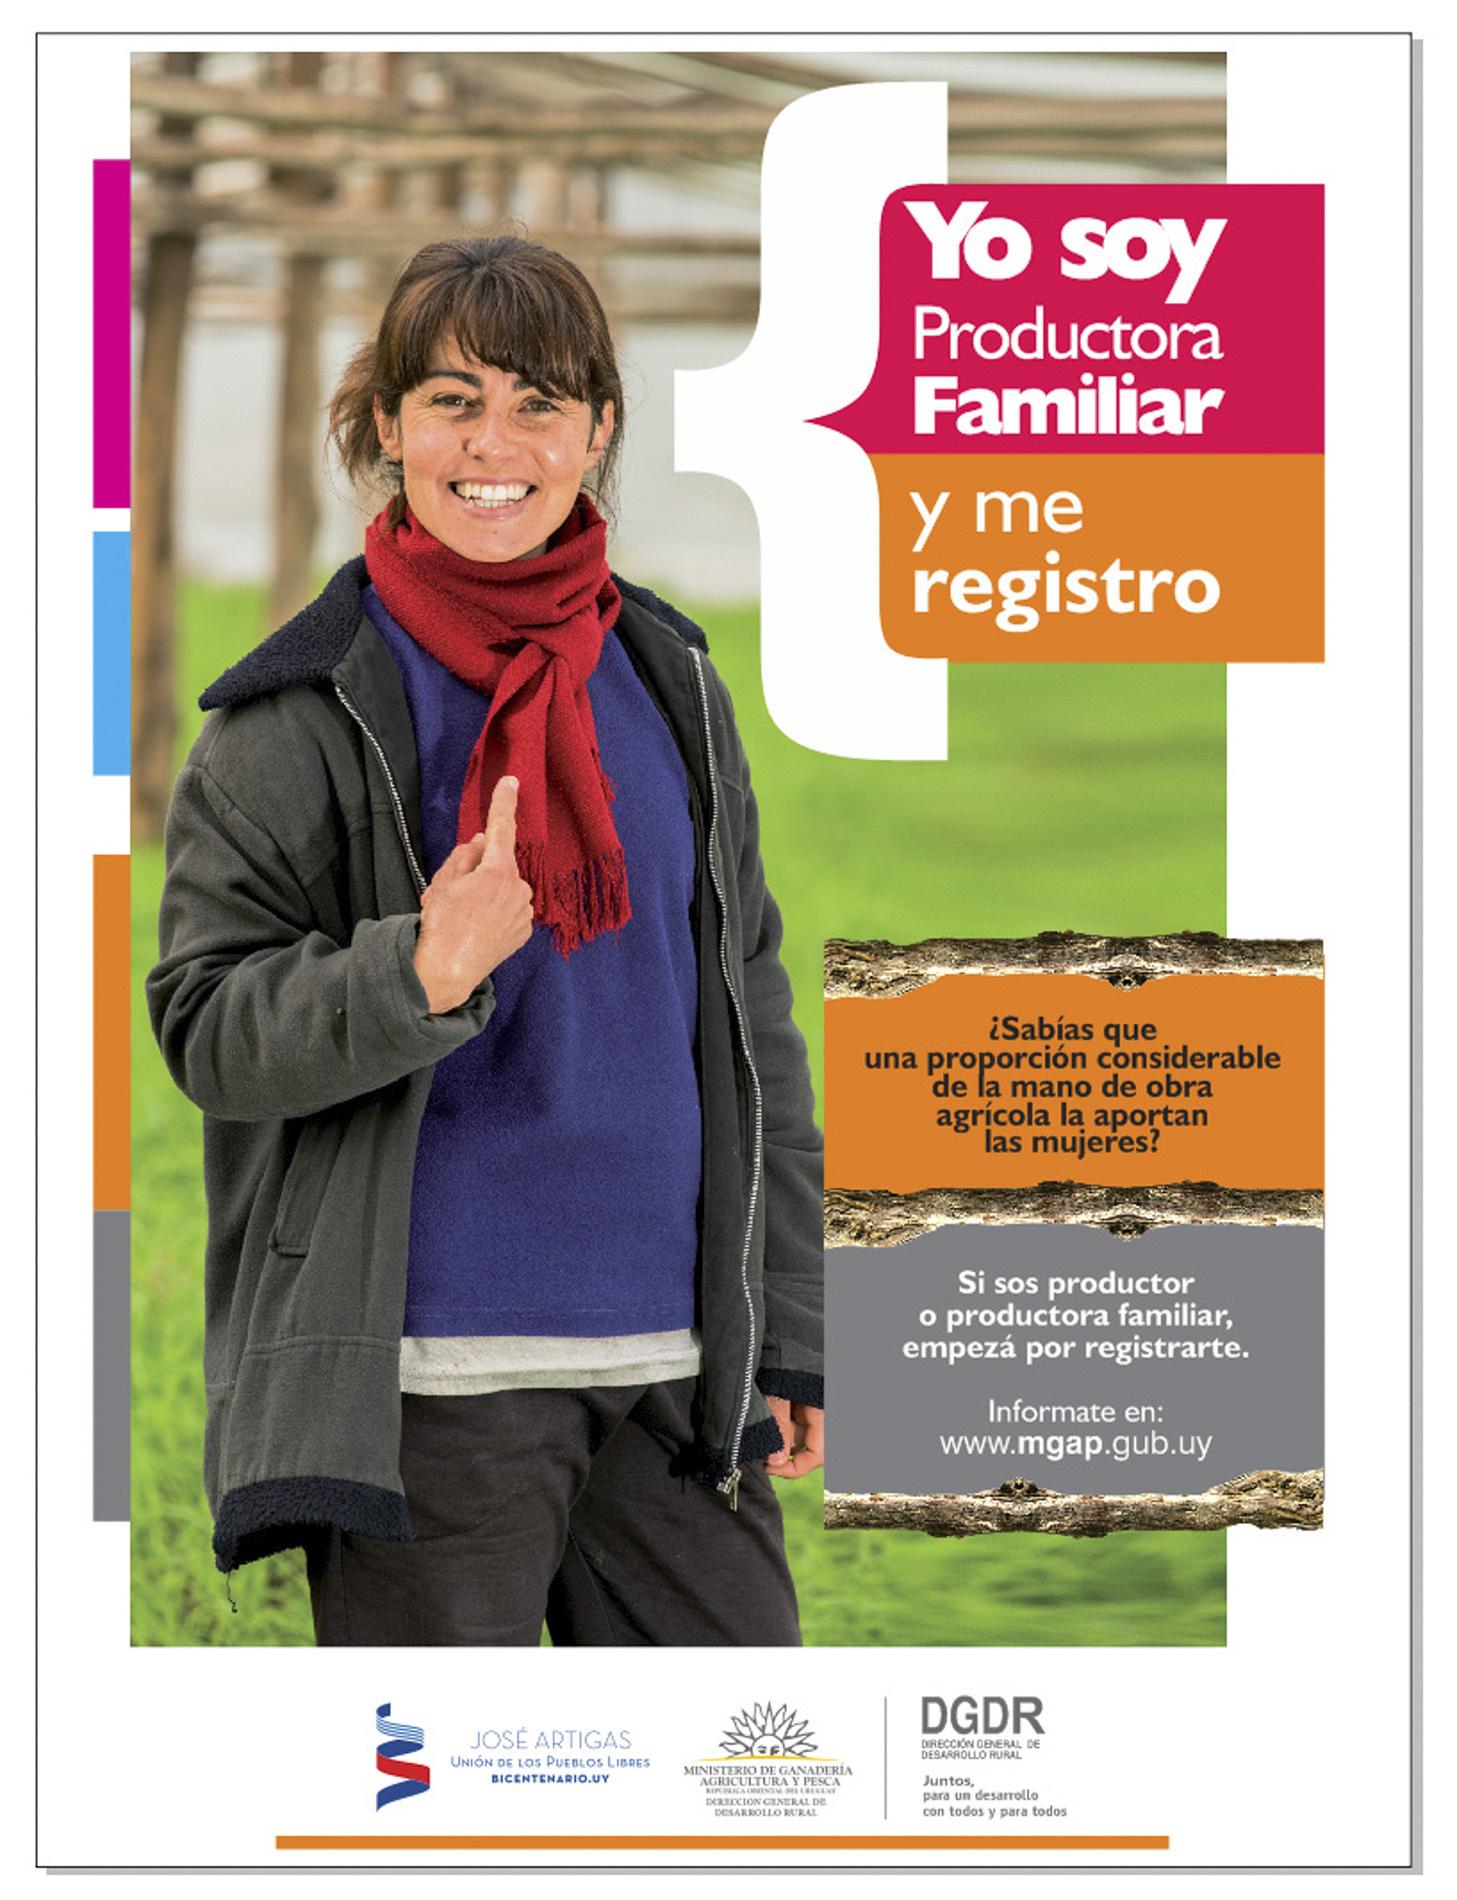 Pimiento.com.uy